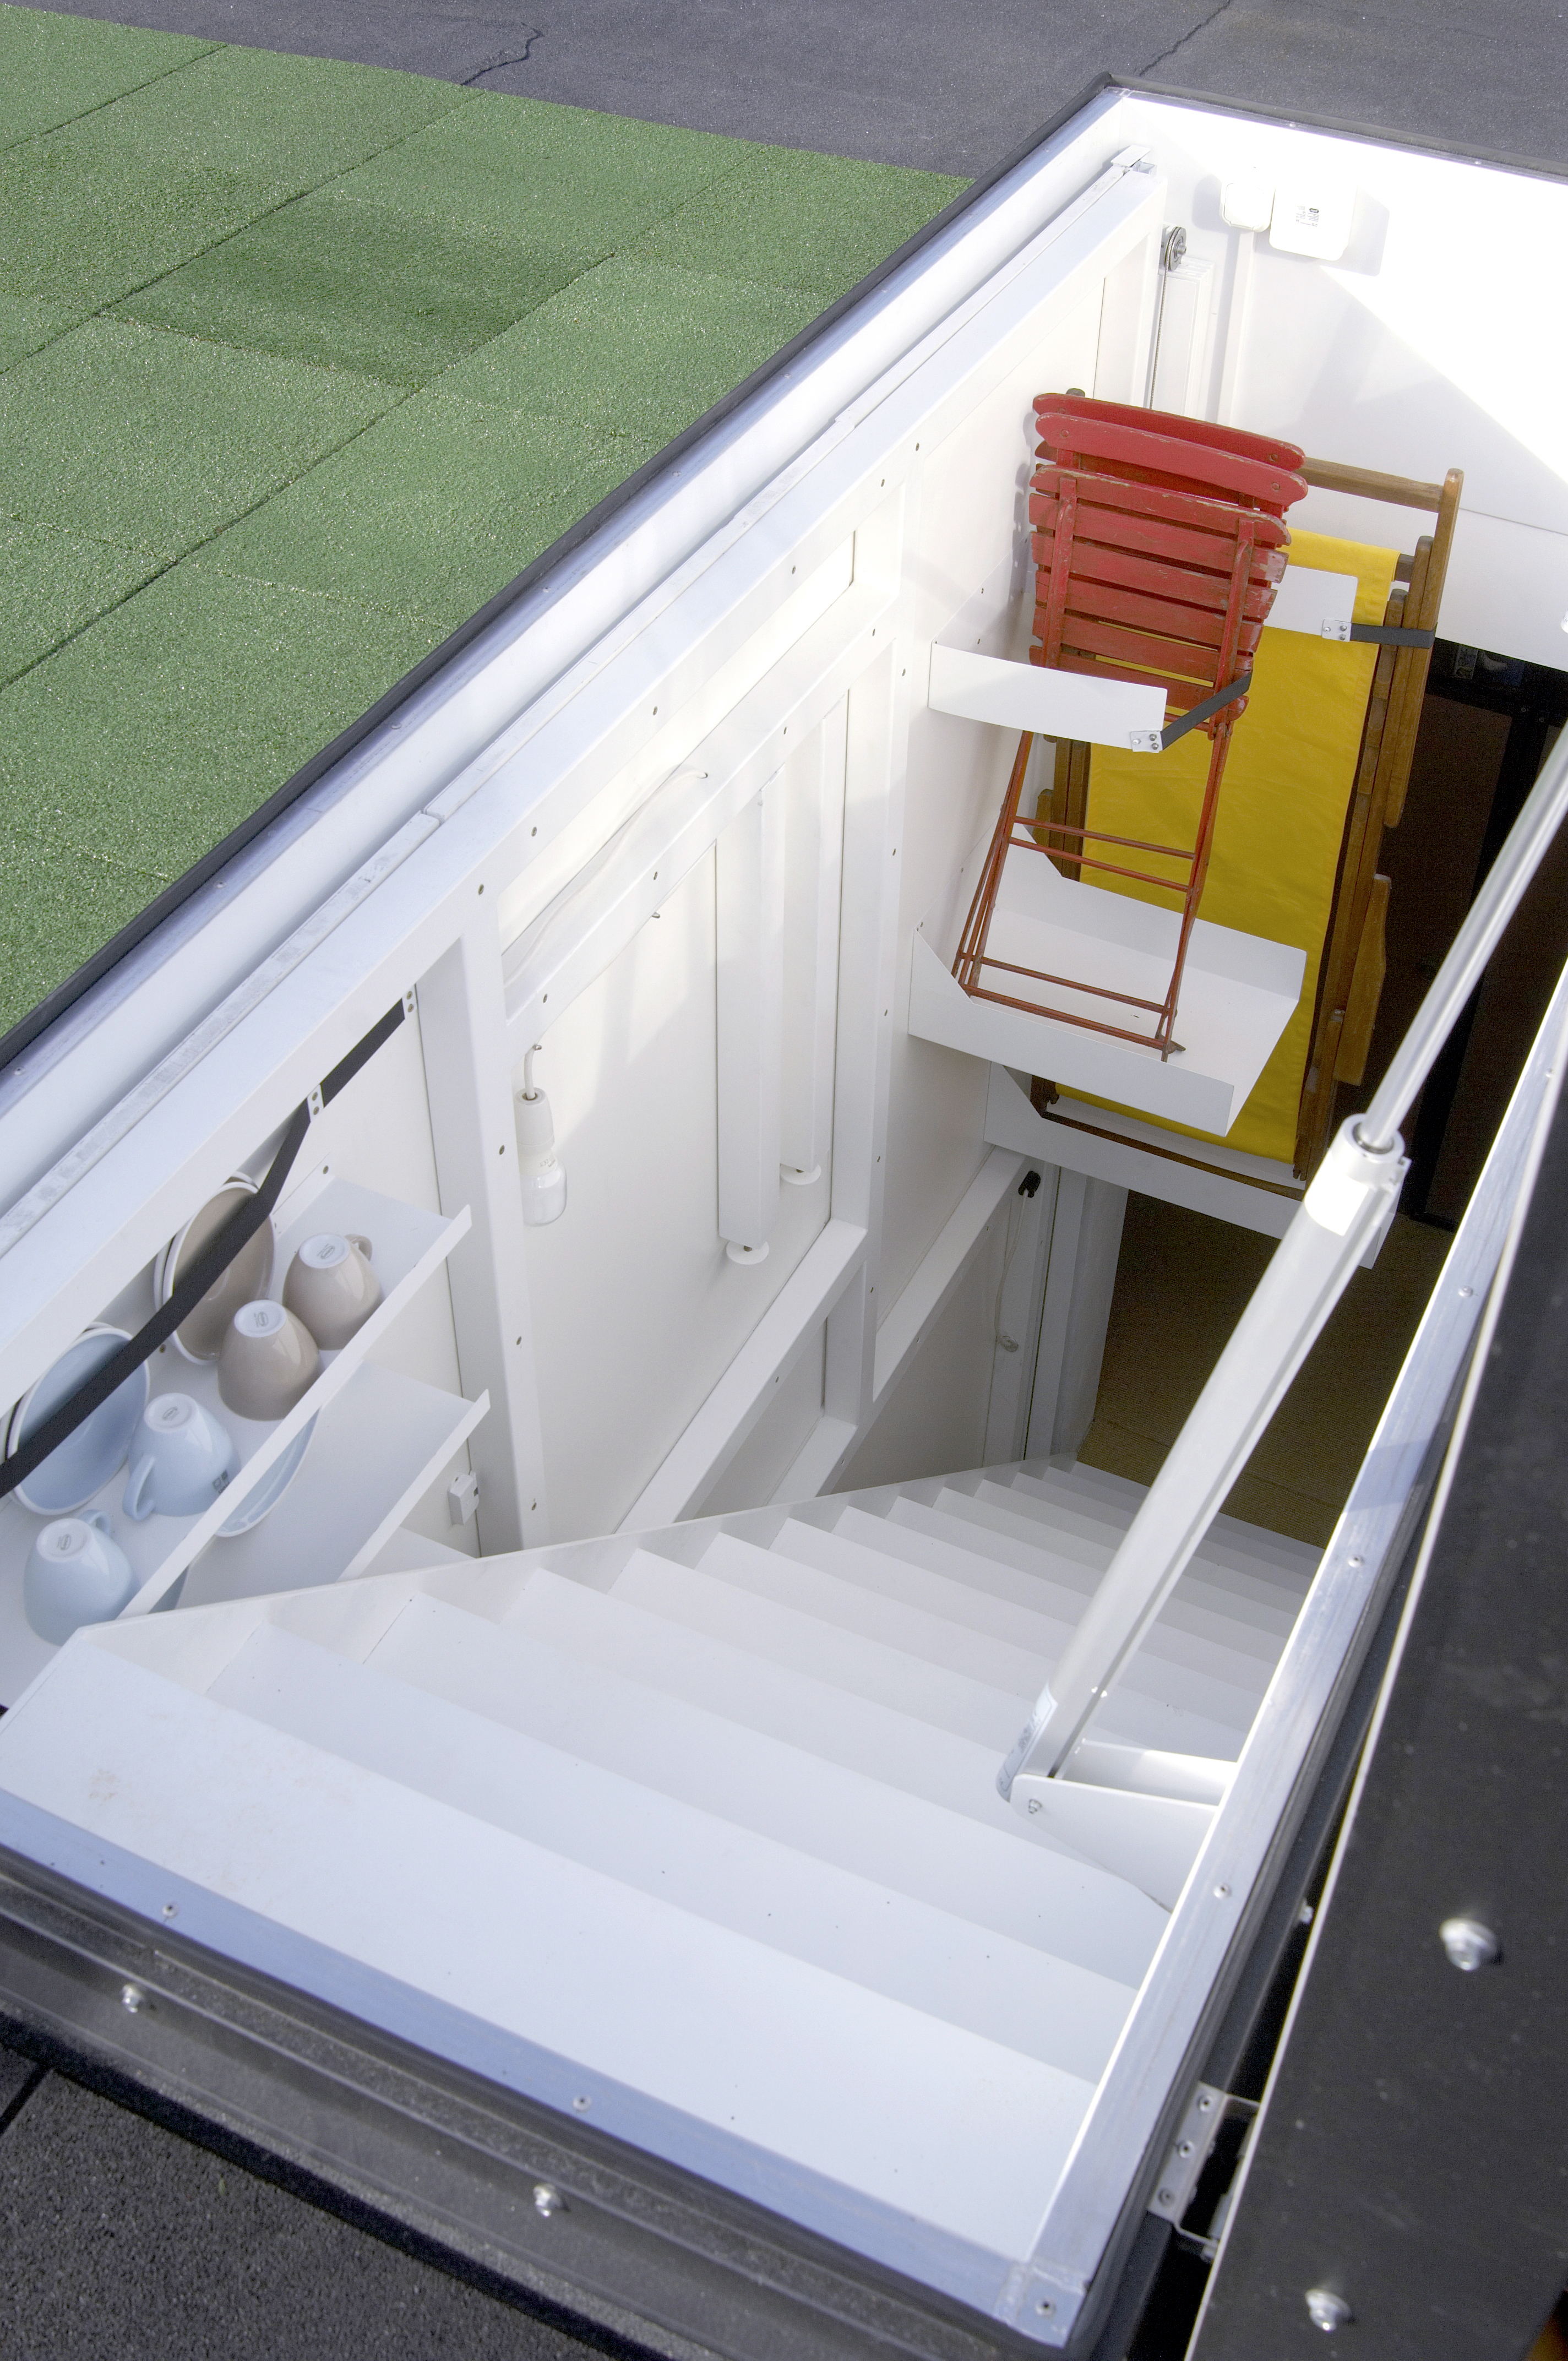 Treppenaufgang und Gartenmöbel